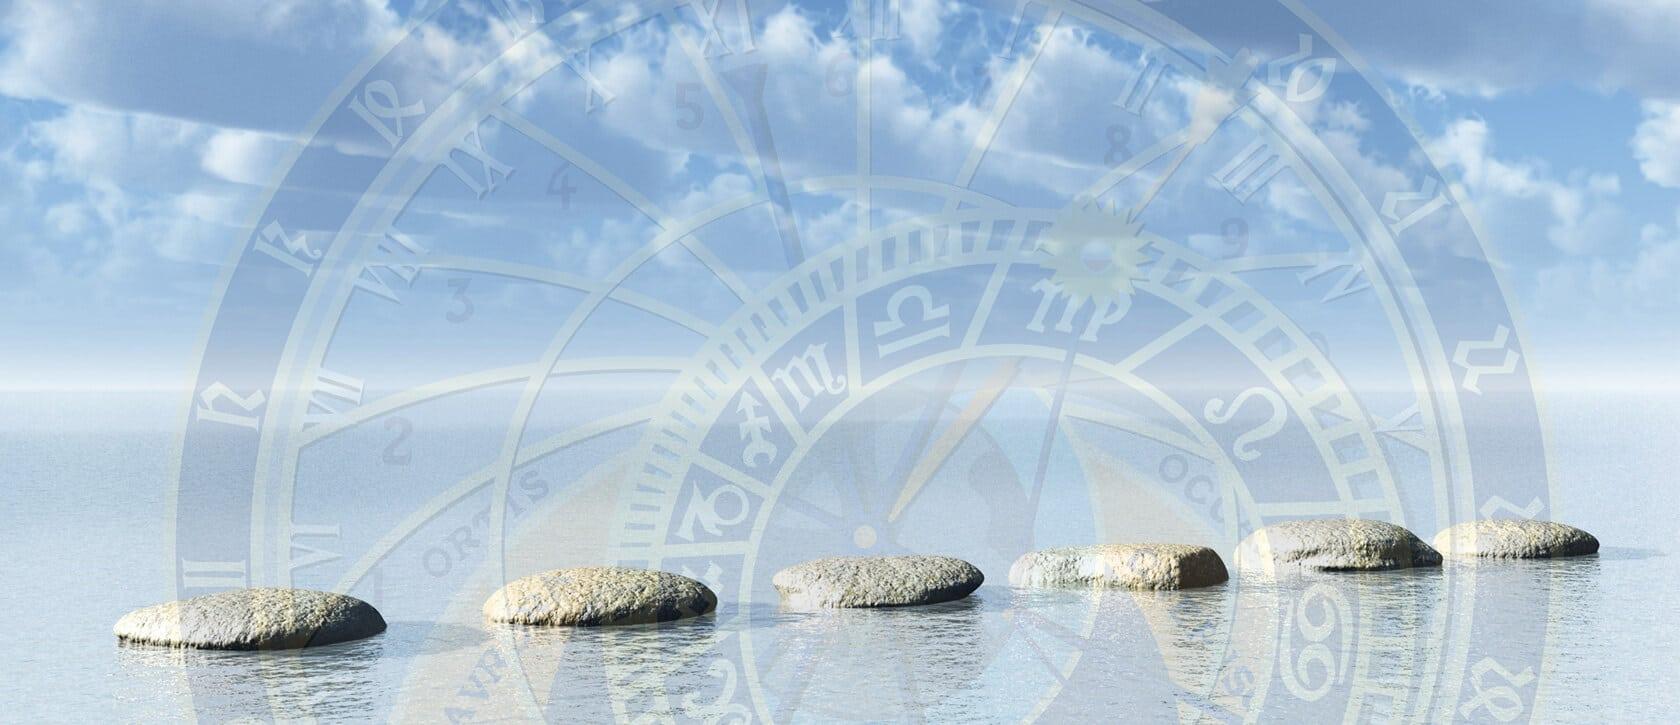 Astrorbis, geben Sie Ihrem Leben neue Impulse